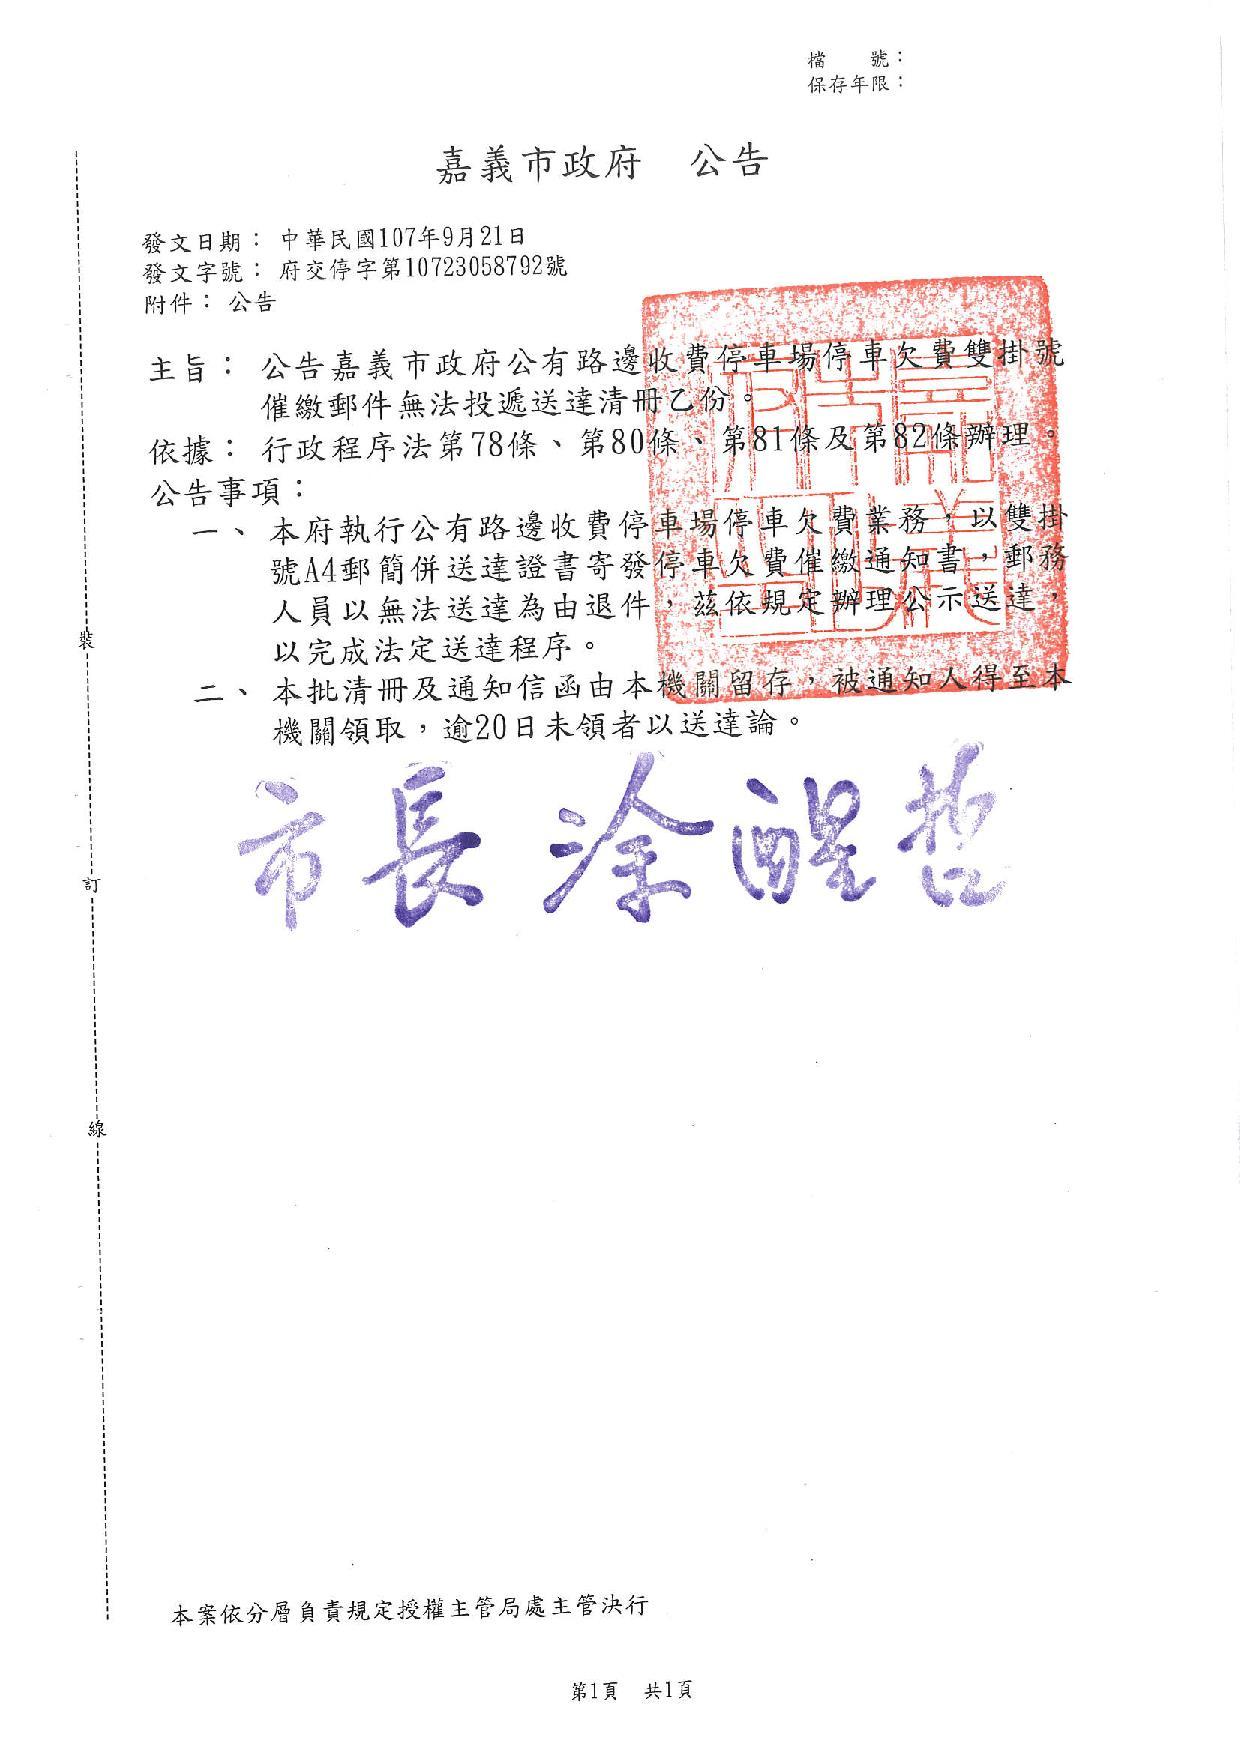 嘉義市政府停車費補繳公告 (2)